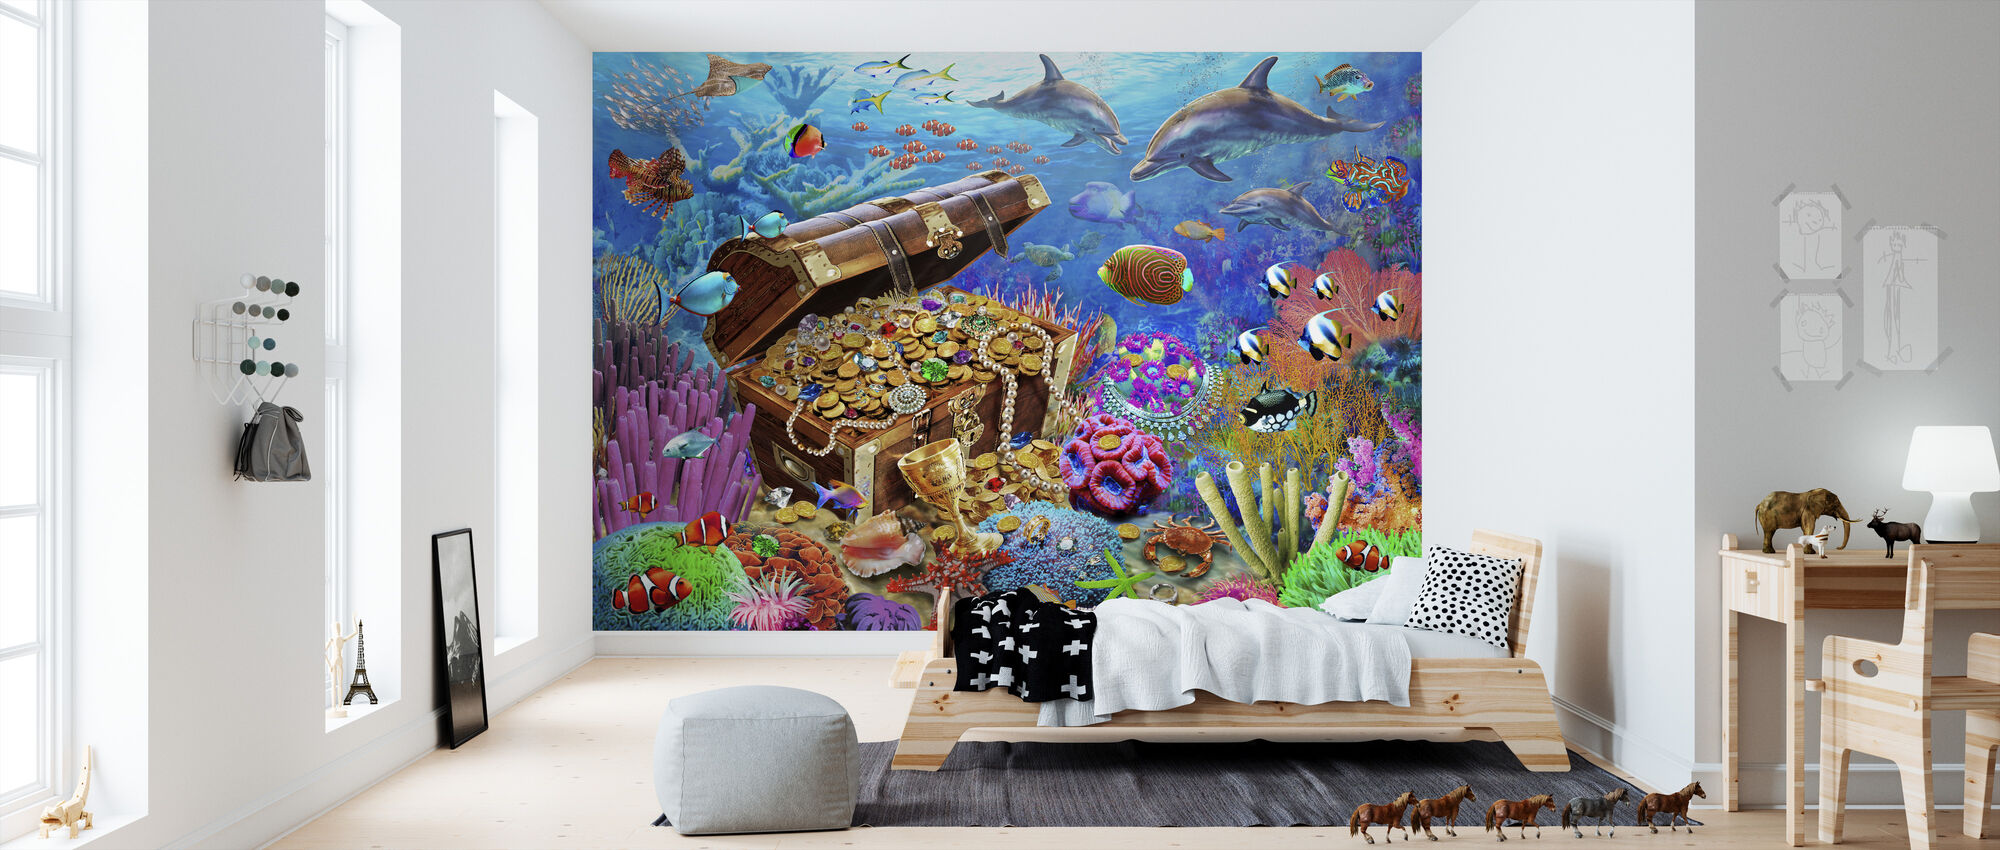 Podmorski Skarb - Tapeta - Pokój dziecięcy